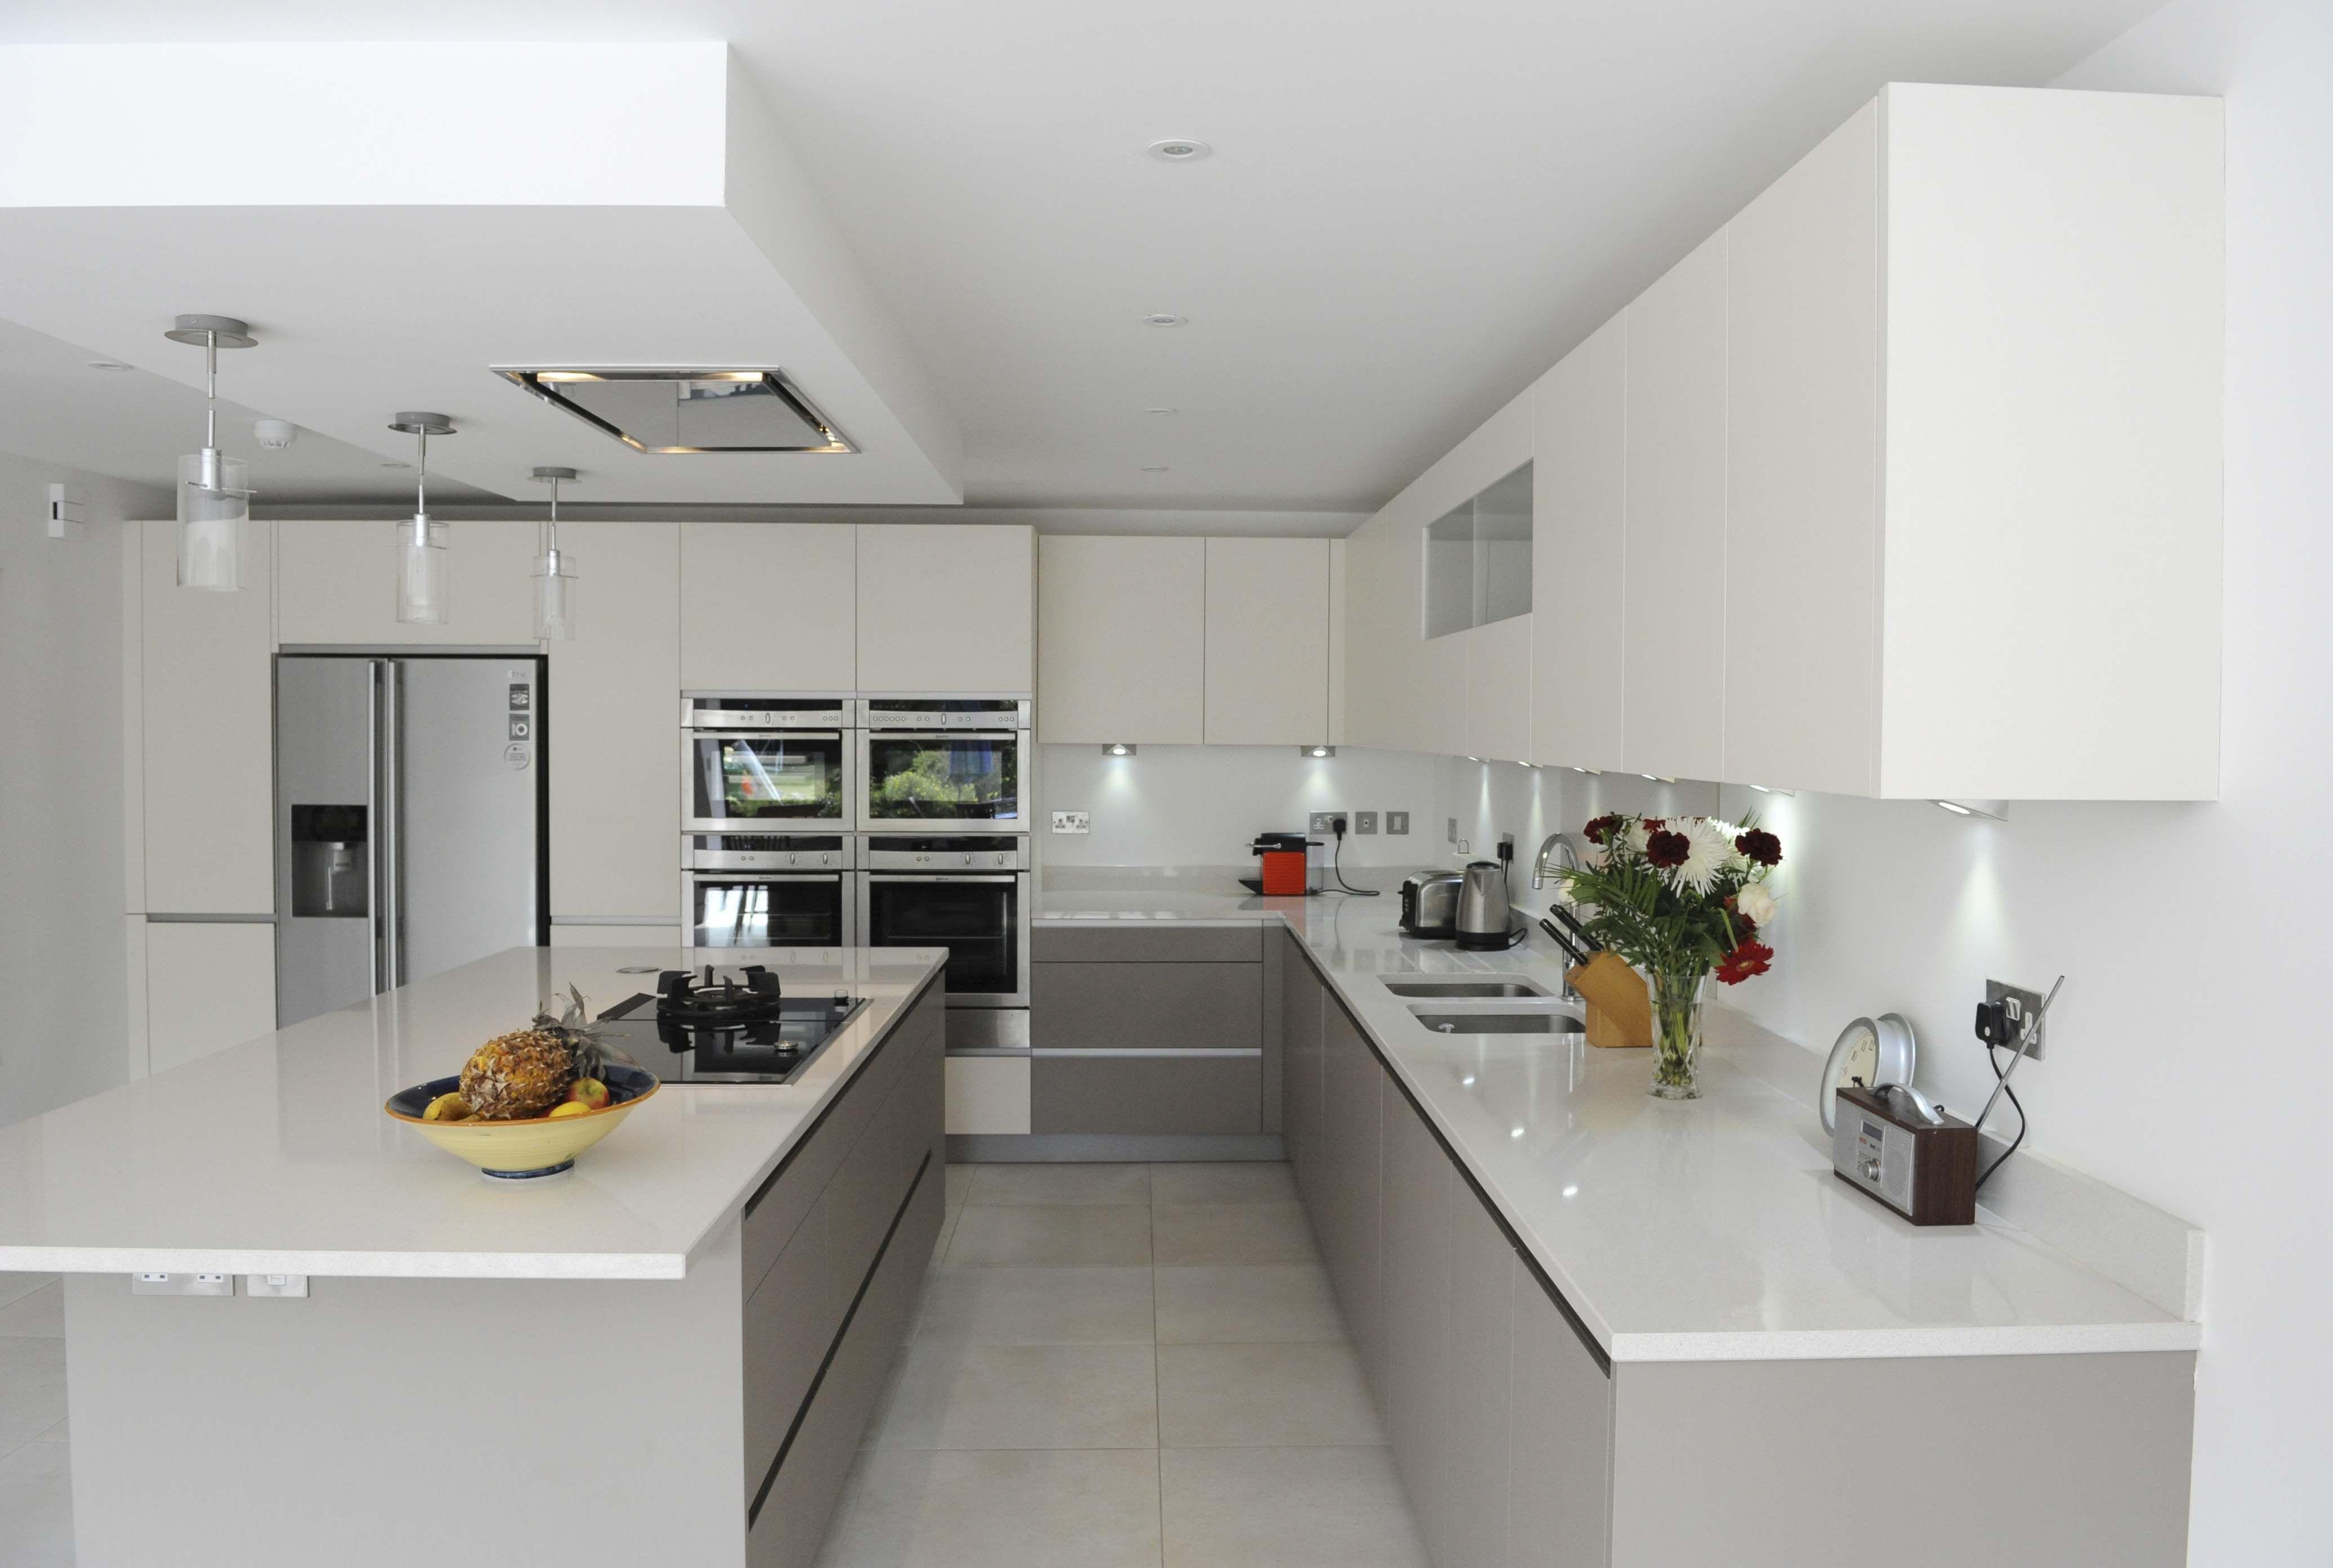 Calm Kitchen for a Busy Family | Küche, Haus einrichten und Hausbau ...